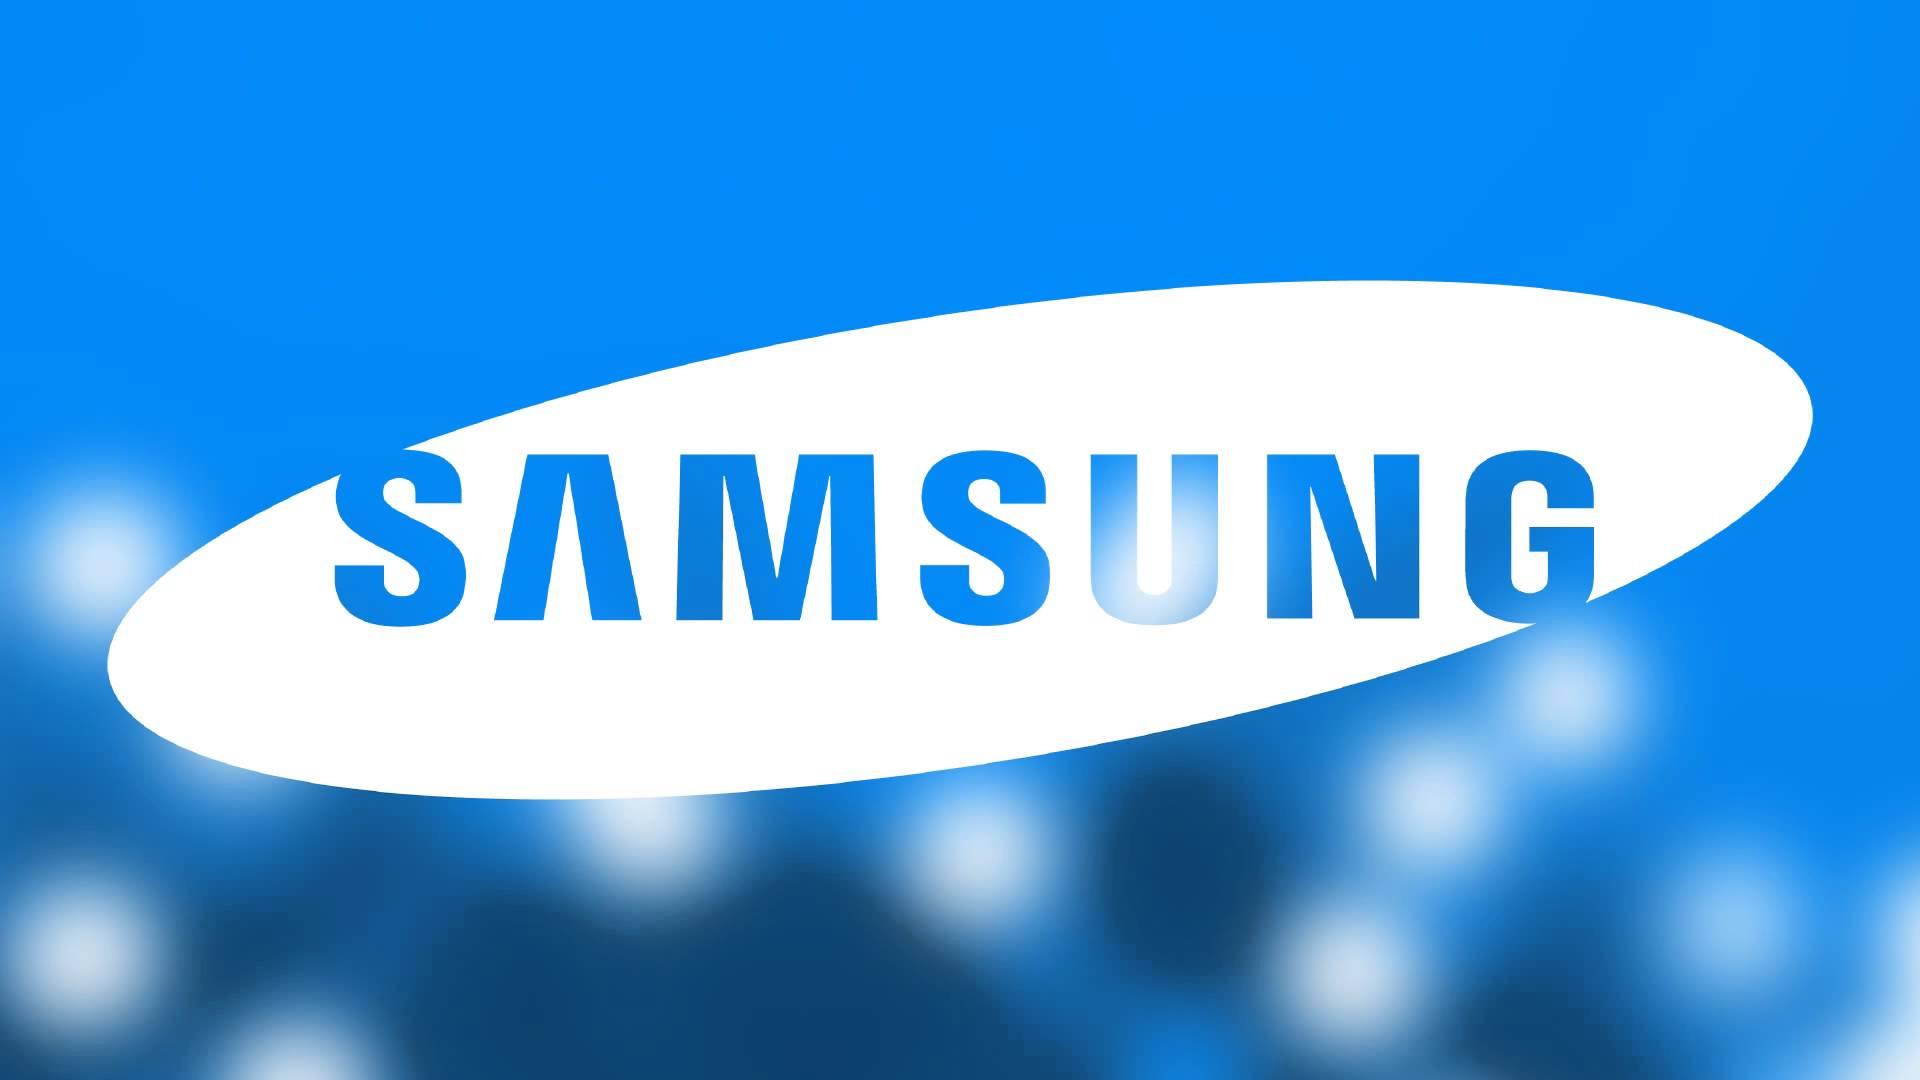 Samsung Galaxy J6 posiadaæ bêdzie wy¶wietlacz Infinity Display